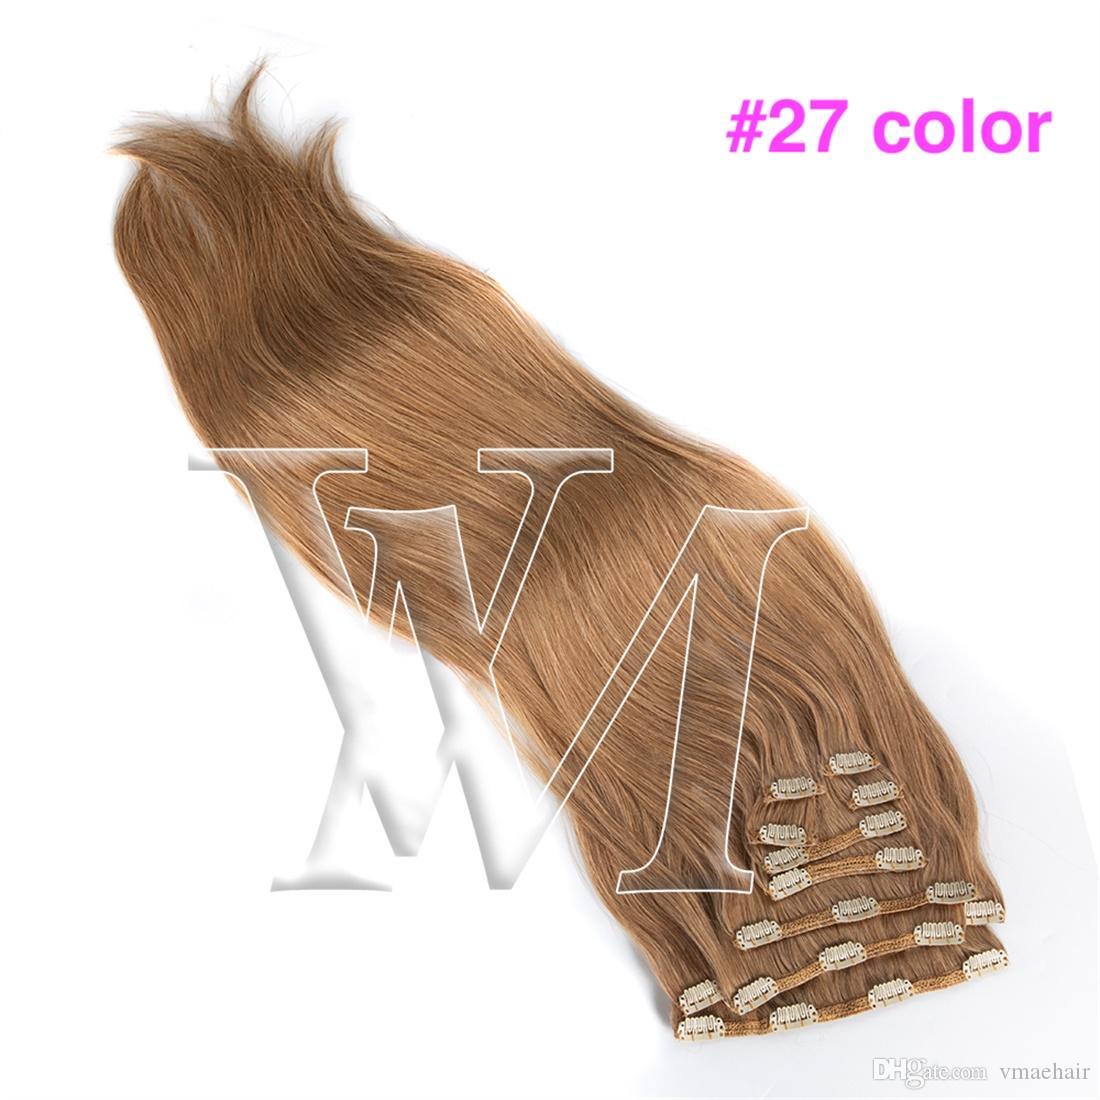 VSilky 직선 더 확장 성모 160g 여자 헤어 클립 레미 유럽 러시아어 브라질 진짜 인간의 머리 금발 흘리기 없습니다